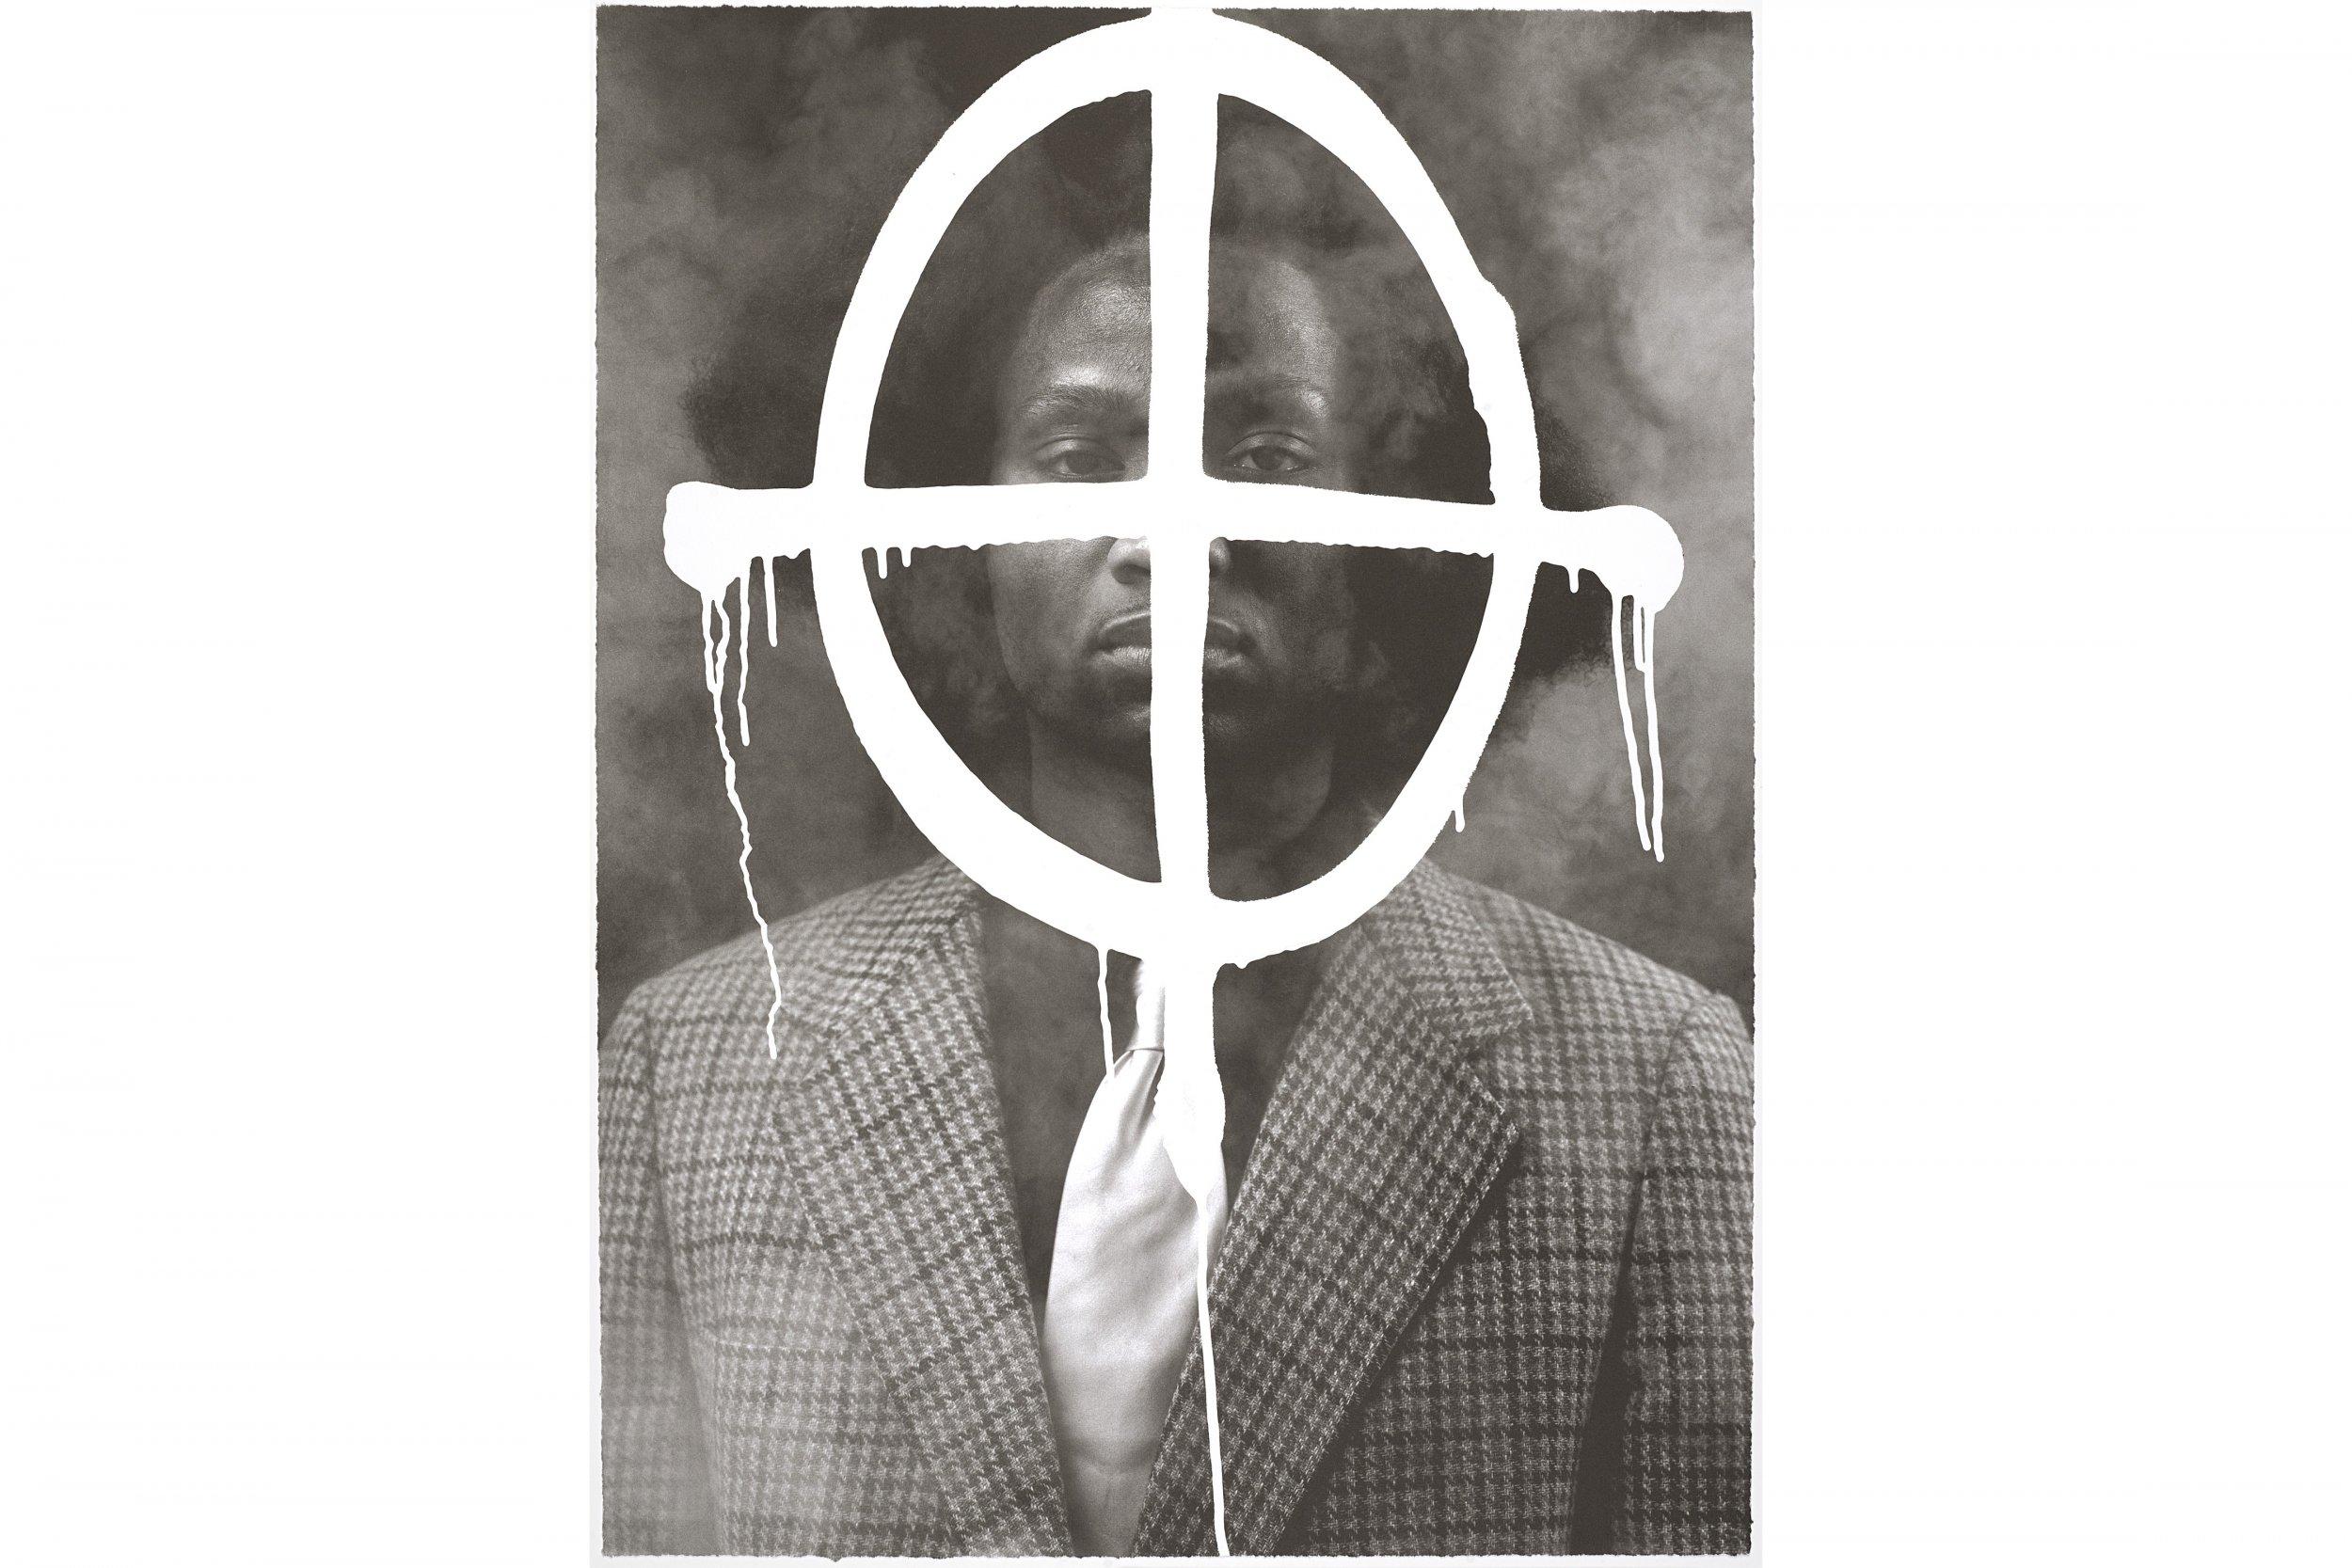 7-28-17 Legacy of Lynching Rashid Johnson